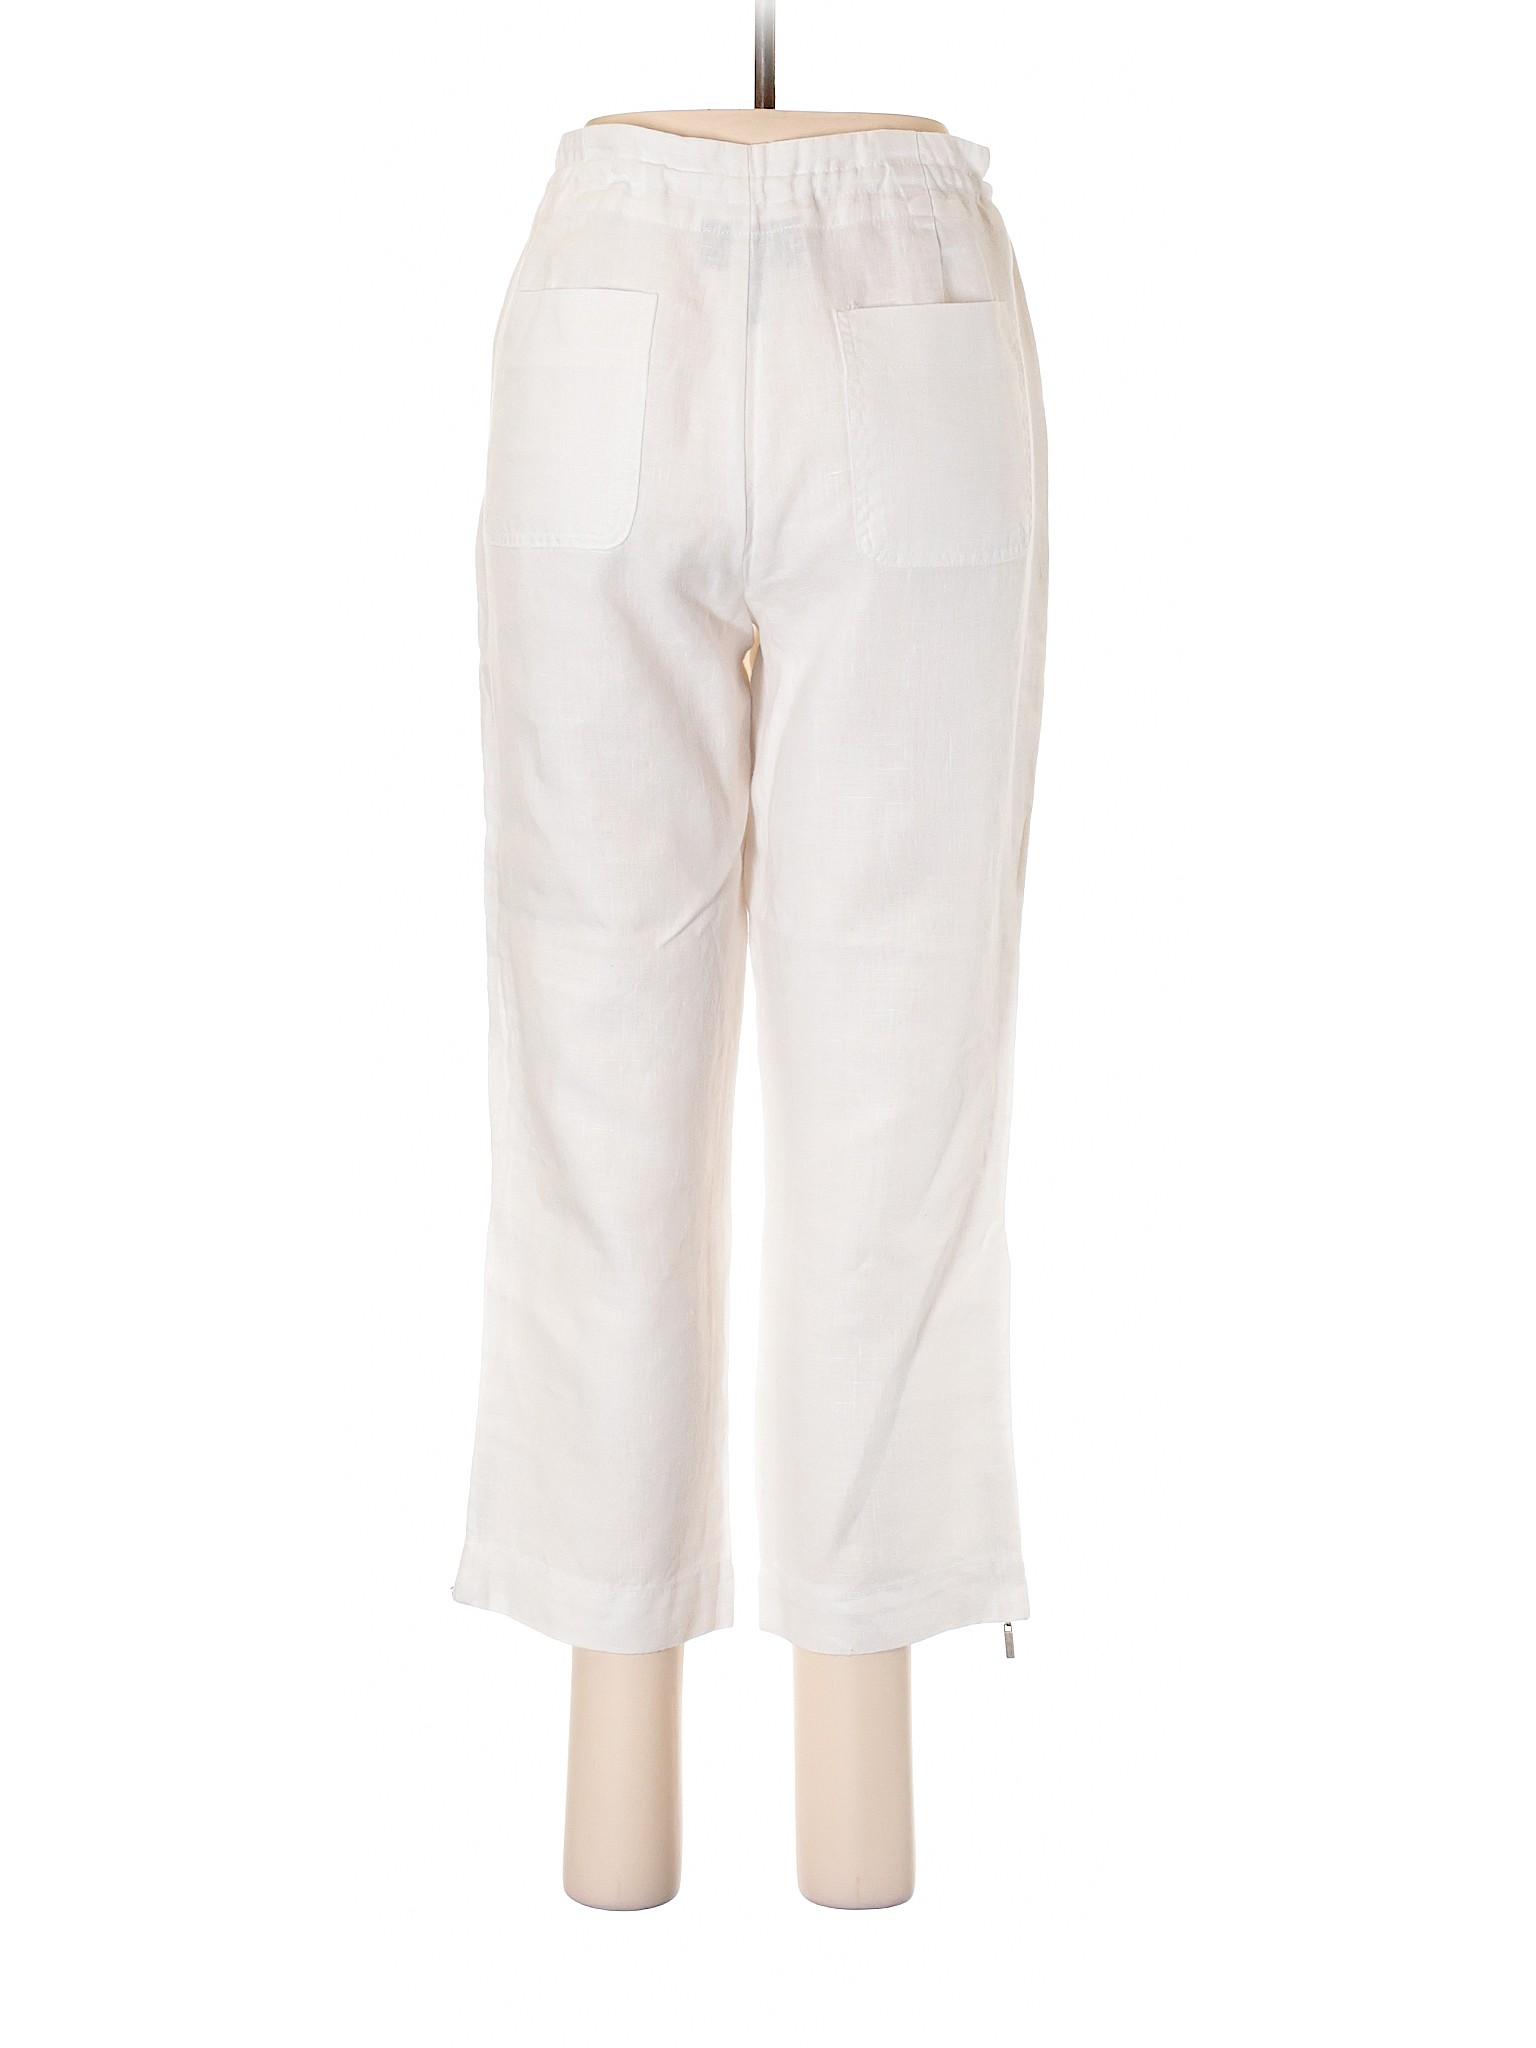 Boutique Concepts Linen leisure International Pants INC 8cqZY8Swr